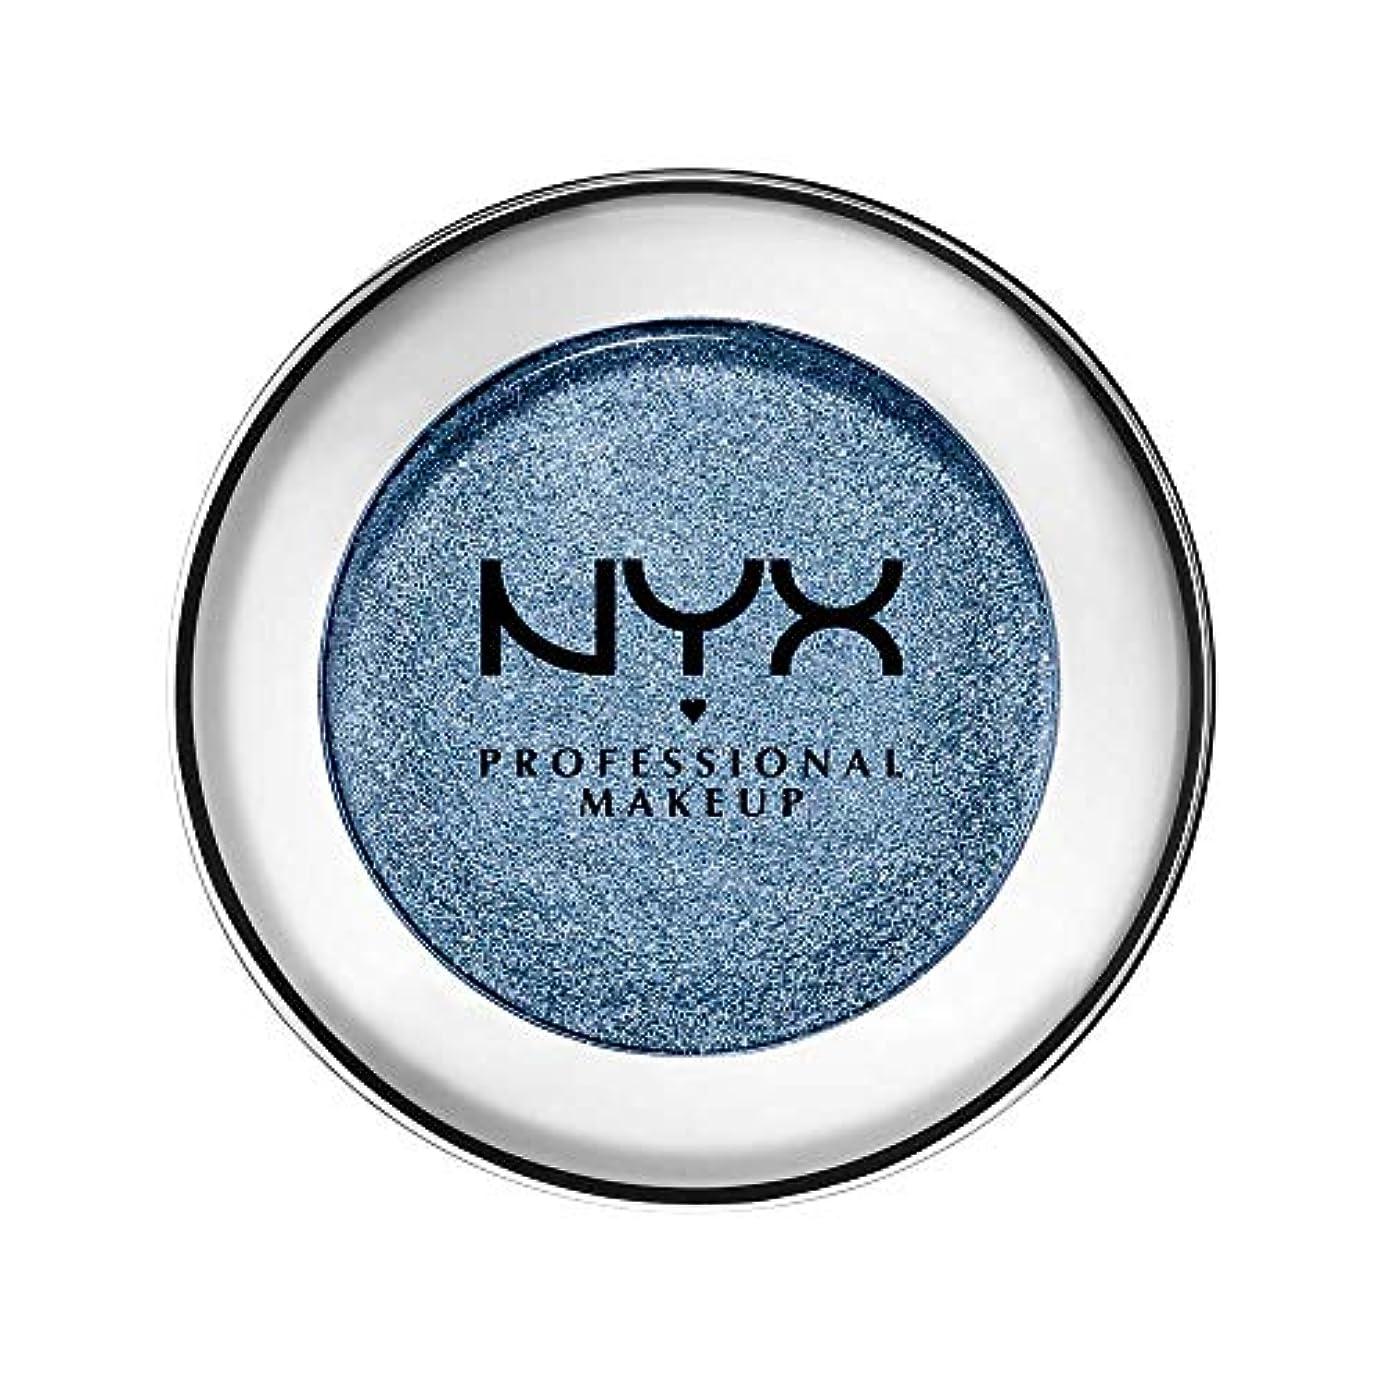 傑出した稼ぐもちろんNYX(ニックス) プリズマ シャドウ 08 カラーブルー ジーンズ